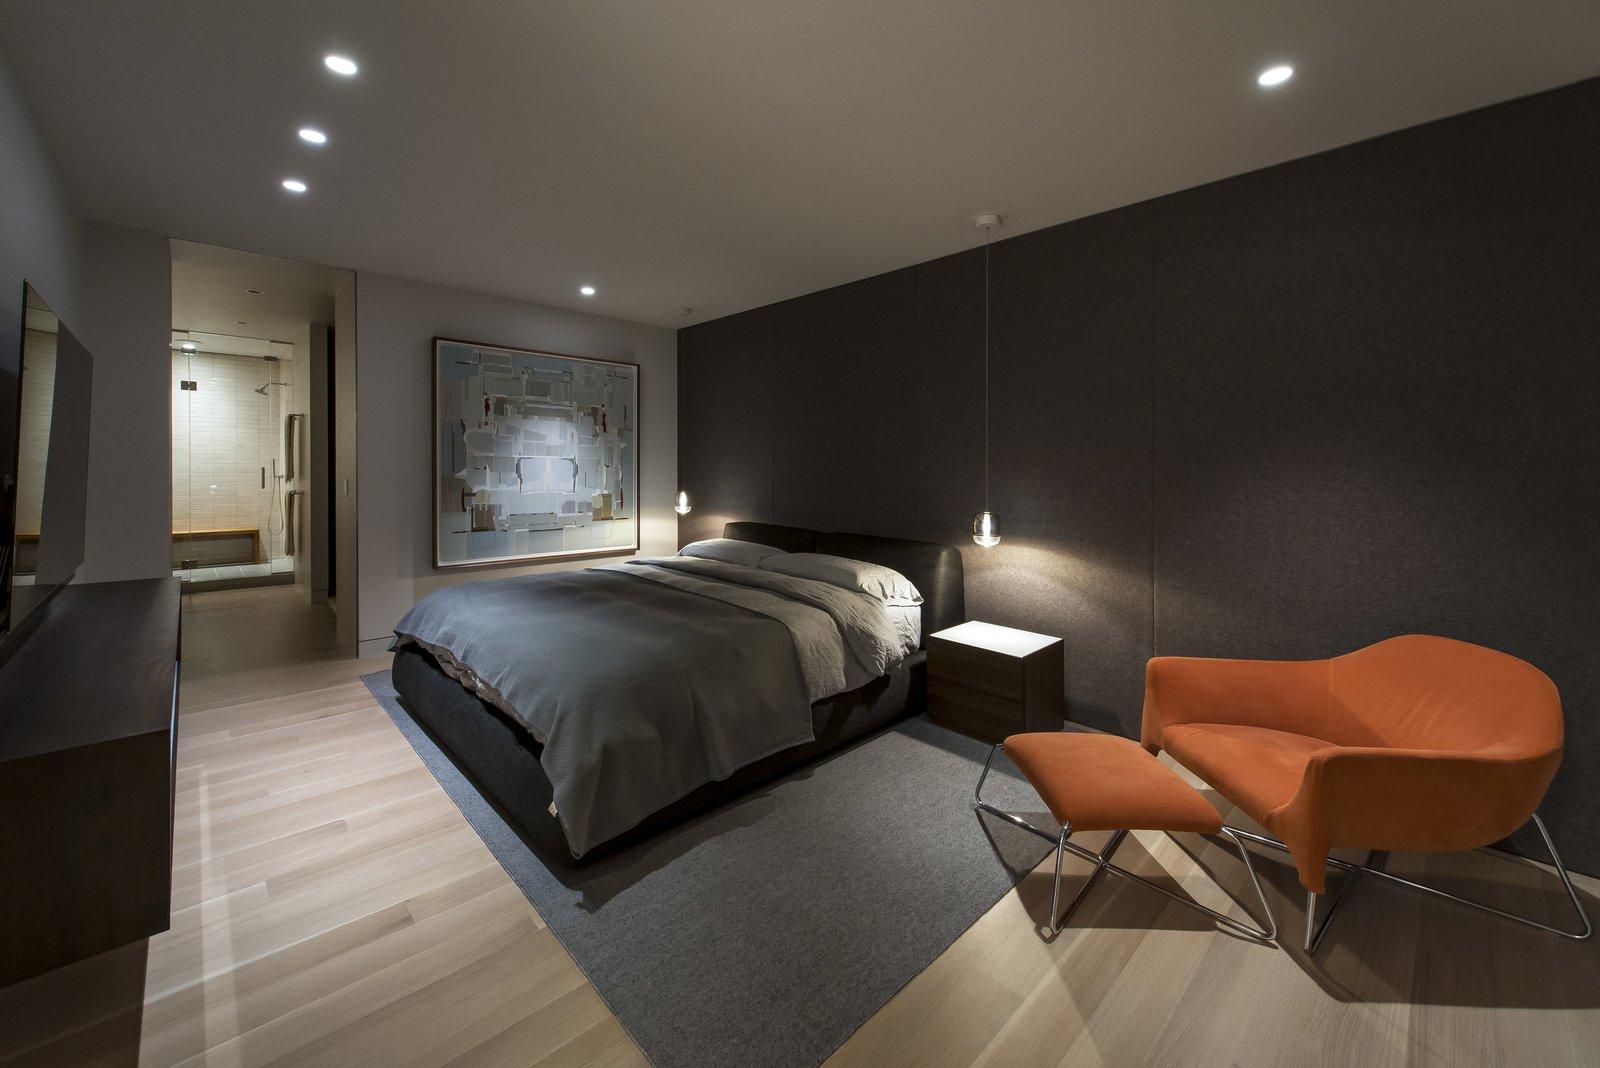 Master Bedroom - Night